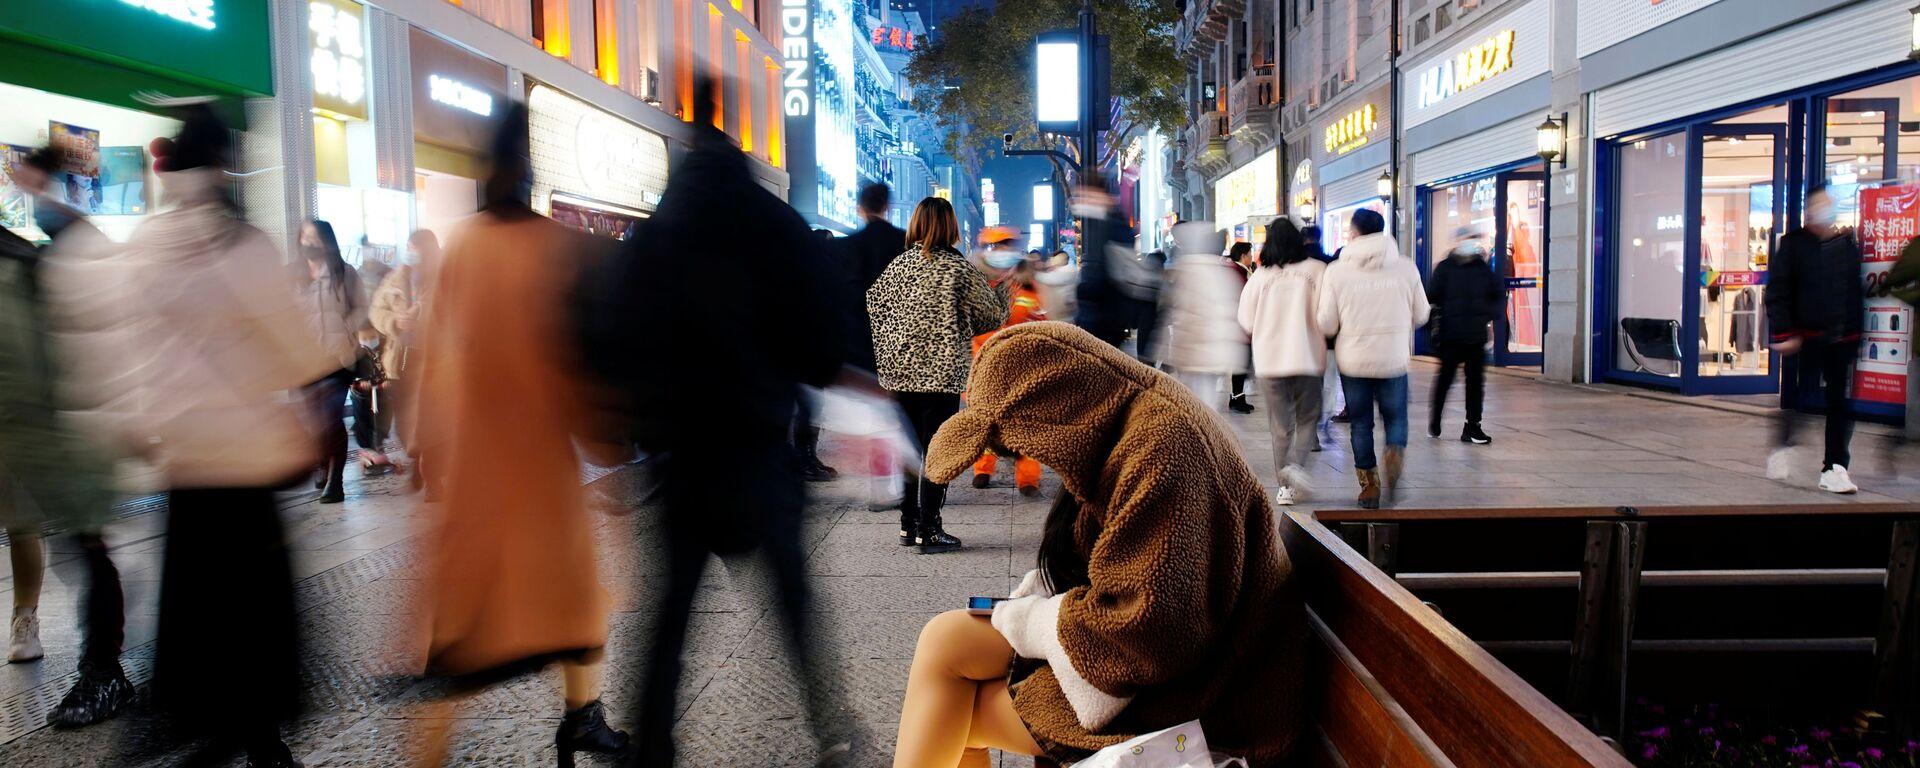 Девушка с мобильником в главном торговом районе Уханя через год после начала вспышки коронавируса, Китай - Sputnik Ўзбекистон, 1920, 27.09.2021